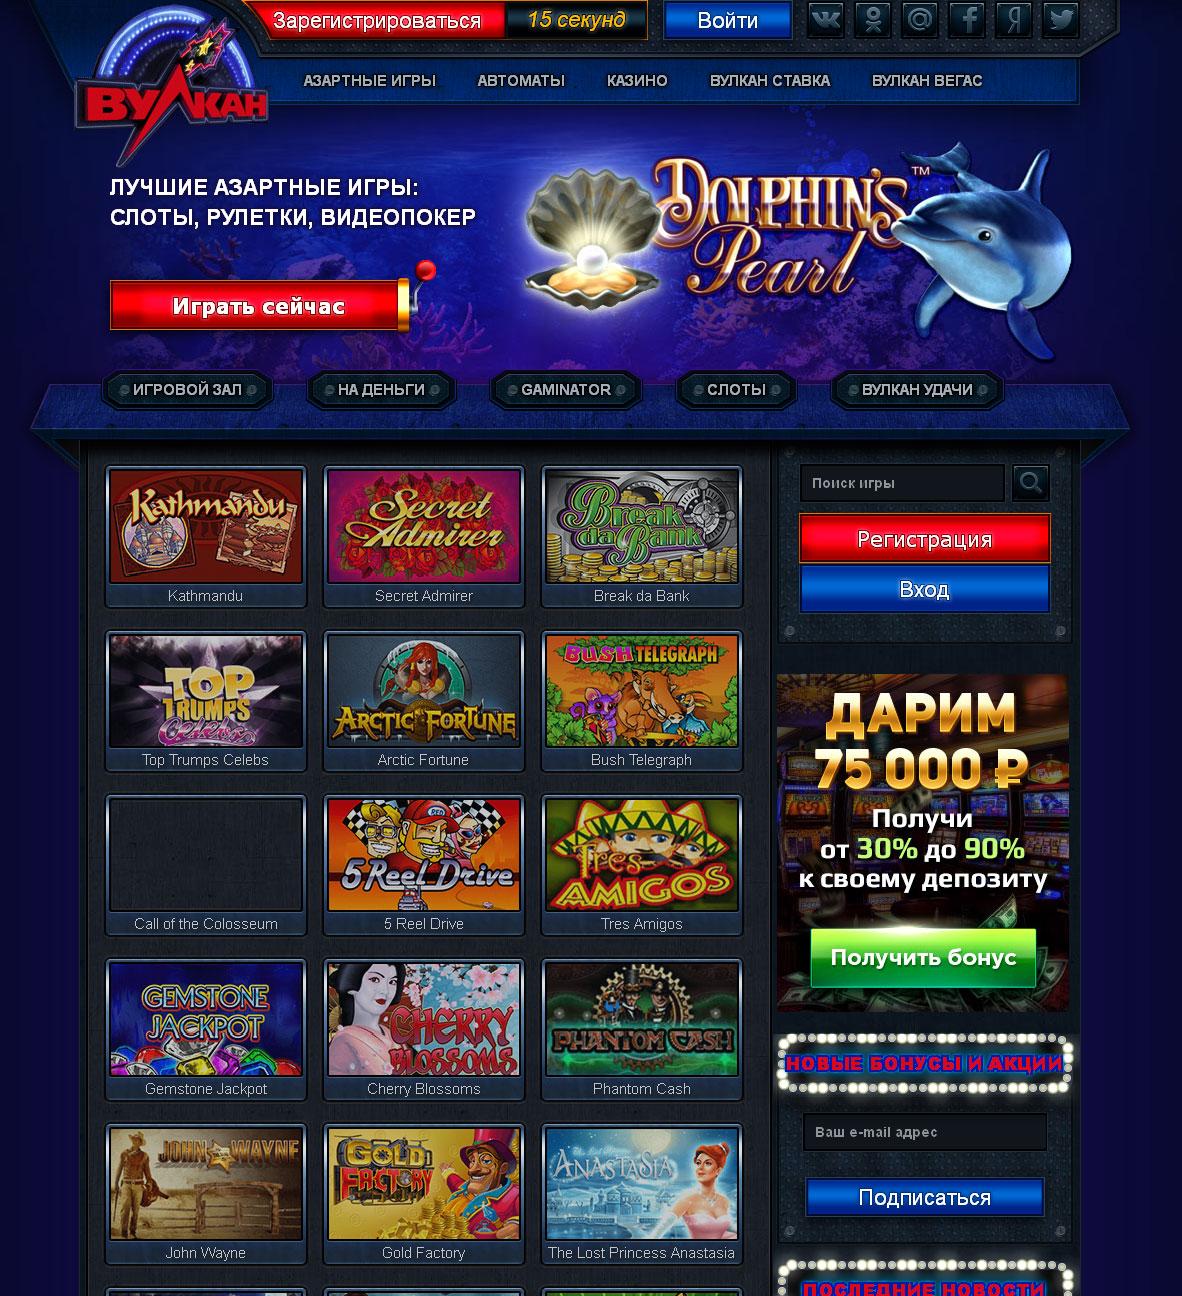 Казино Вулкан Россия – играйте в игровые автоматы бесплатно.